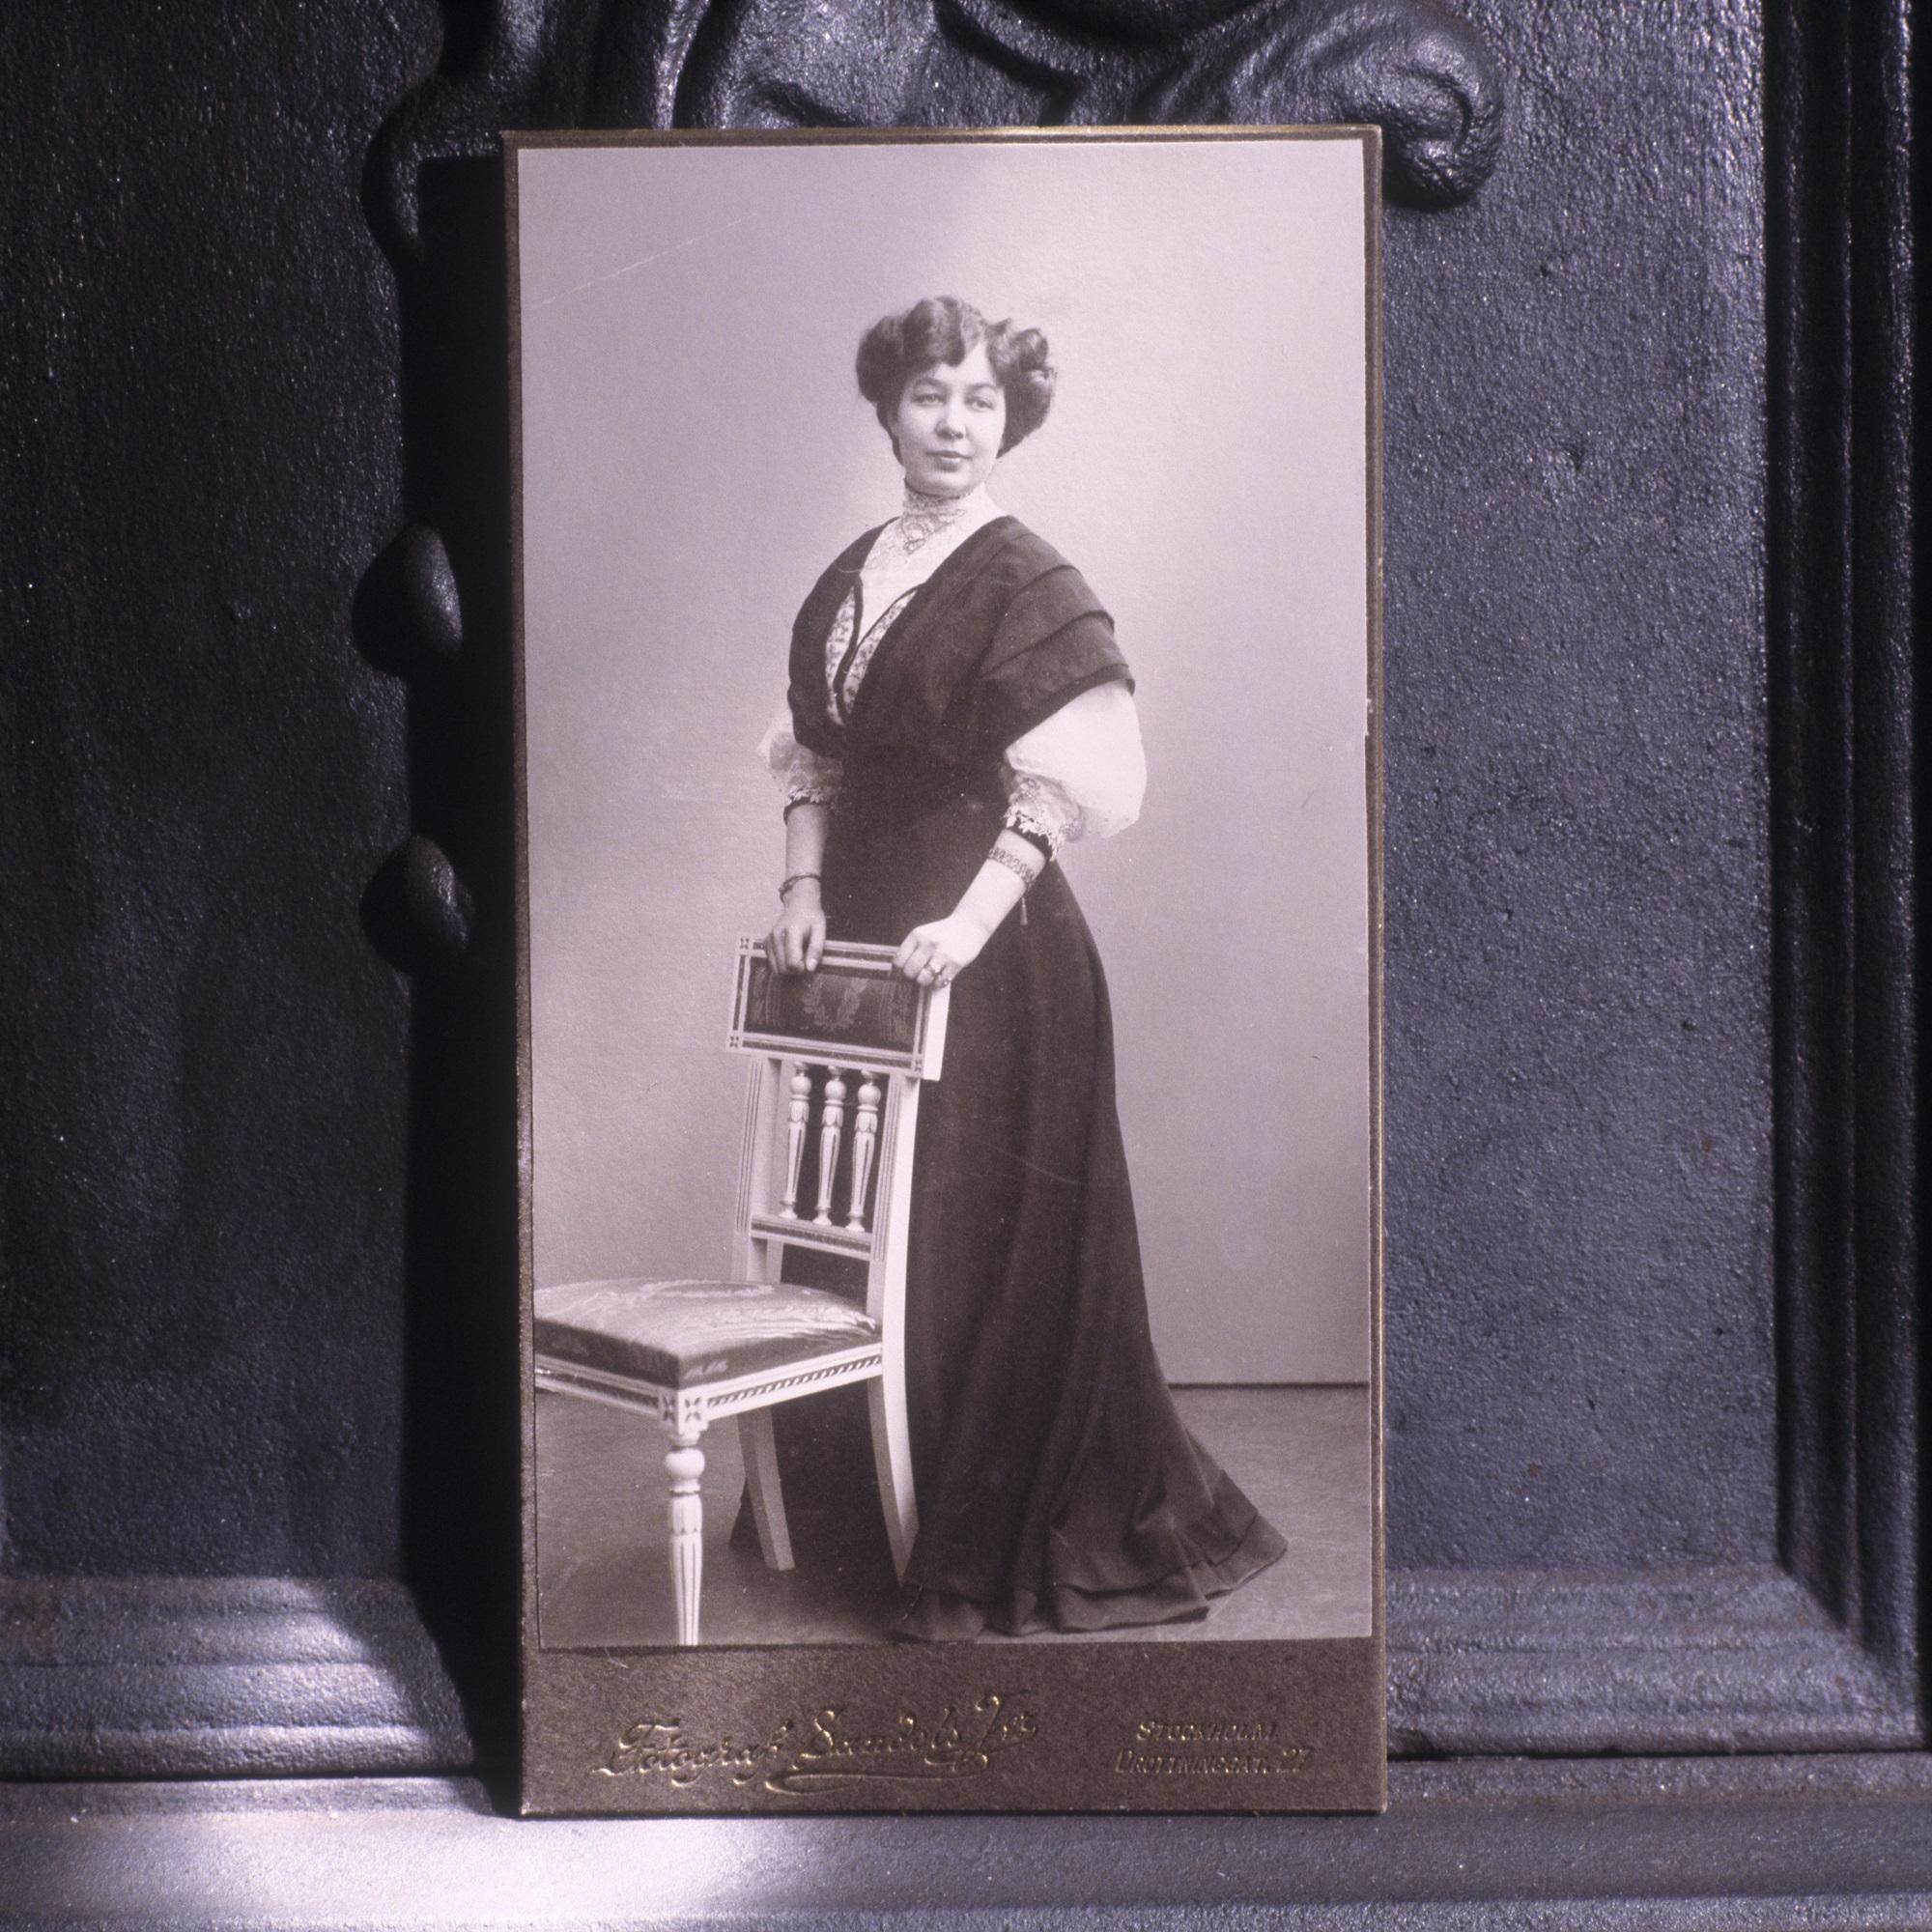 Ingeborgs mormor.jpg